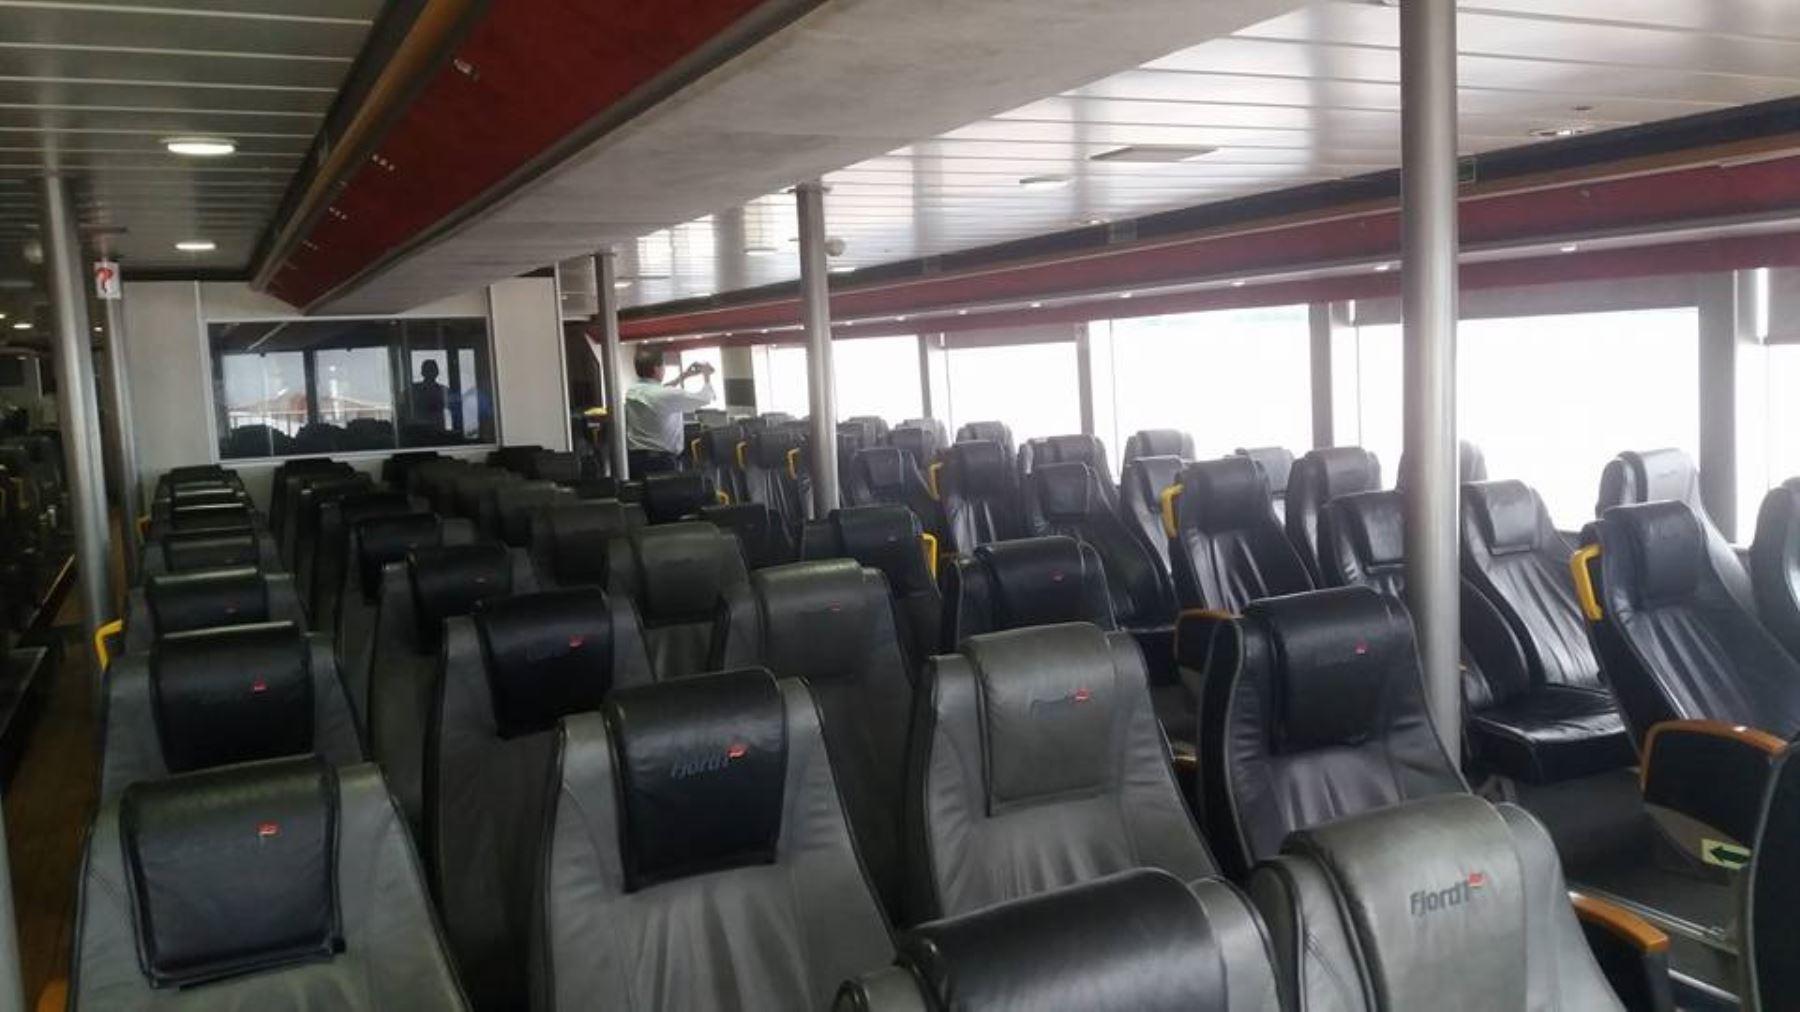 Cada semana el Ferry Amazónico hará 3 viajes de ida y vuelta por el río Amazonas. En esta ruta, se transportarán alrededor de 100,000 pasajeros cada año.